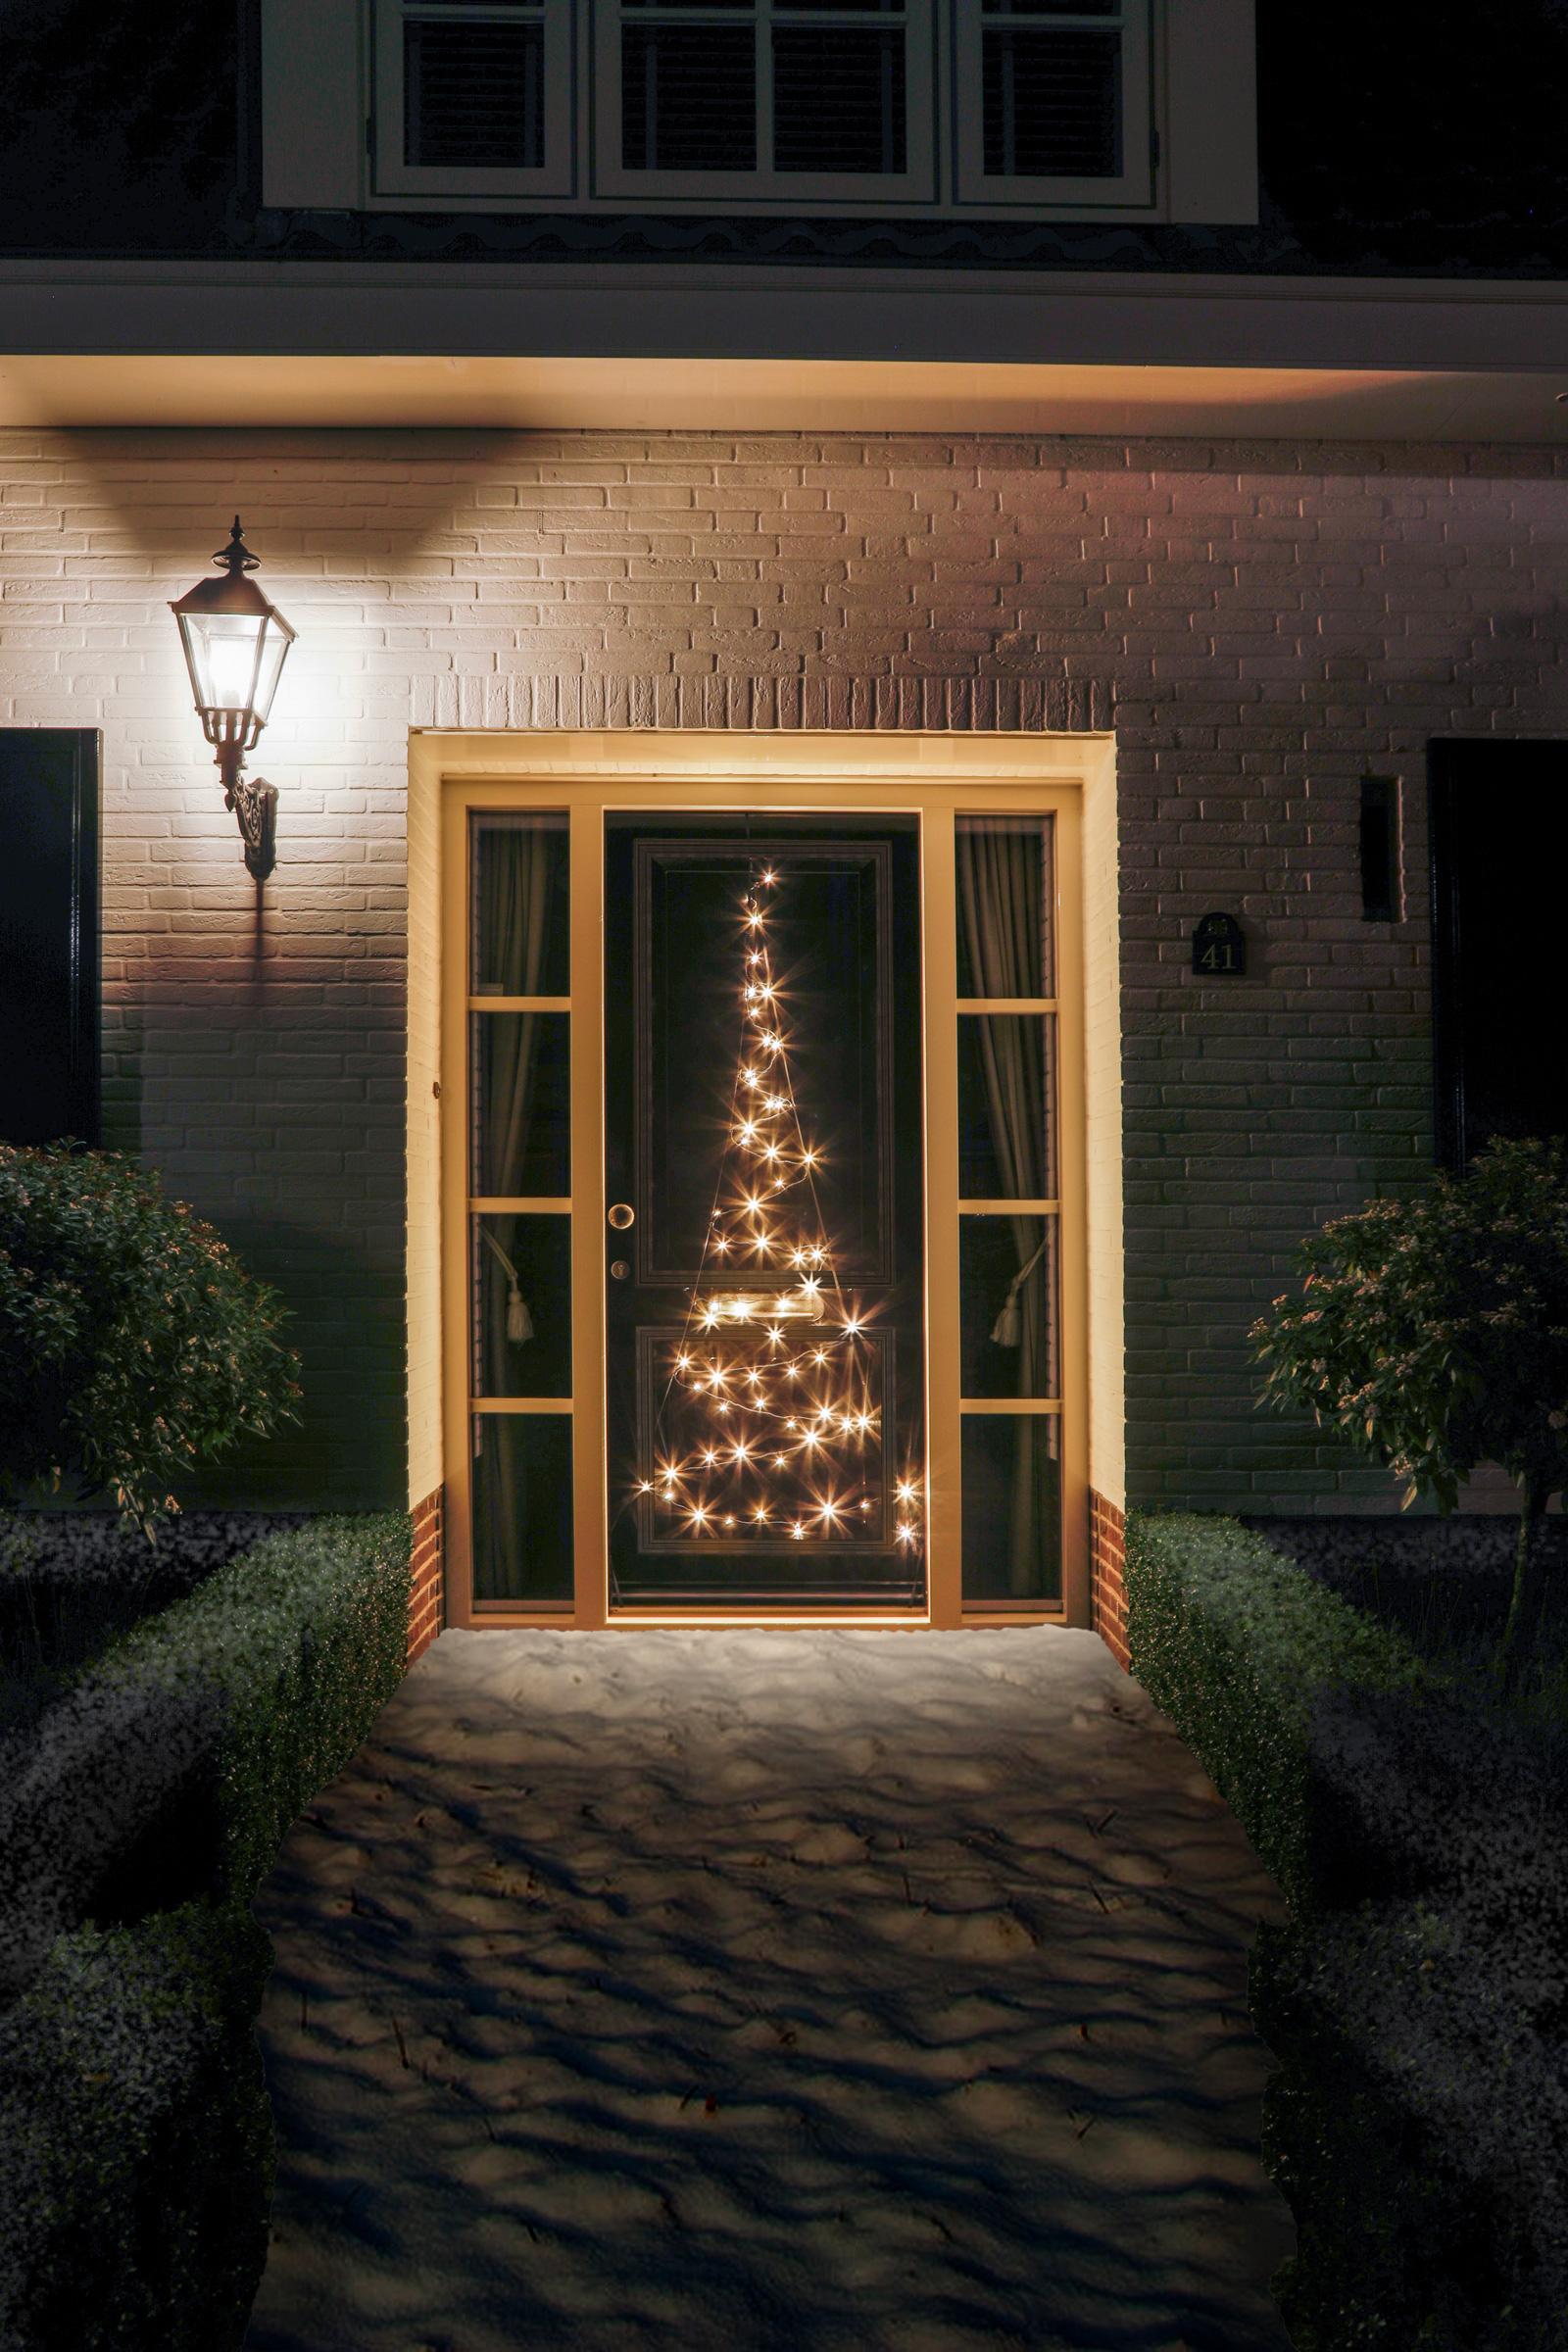 kerstverlichting buiten inspiratie 5 een kerstboom struik of loofboom verlichten